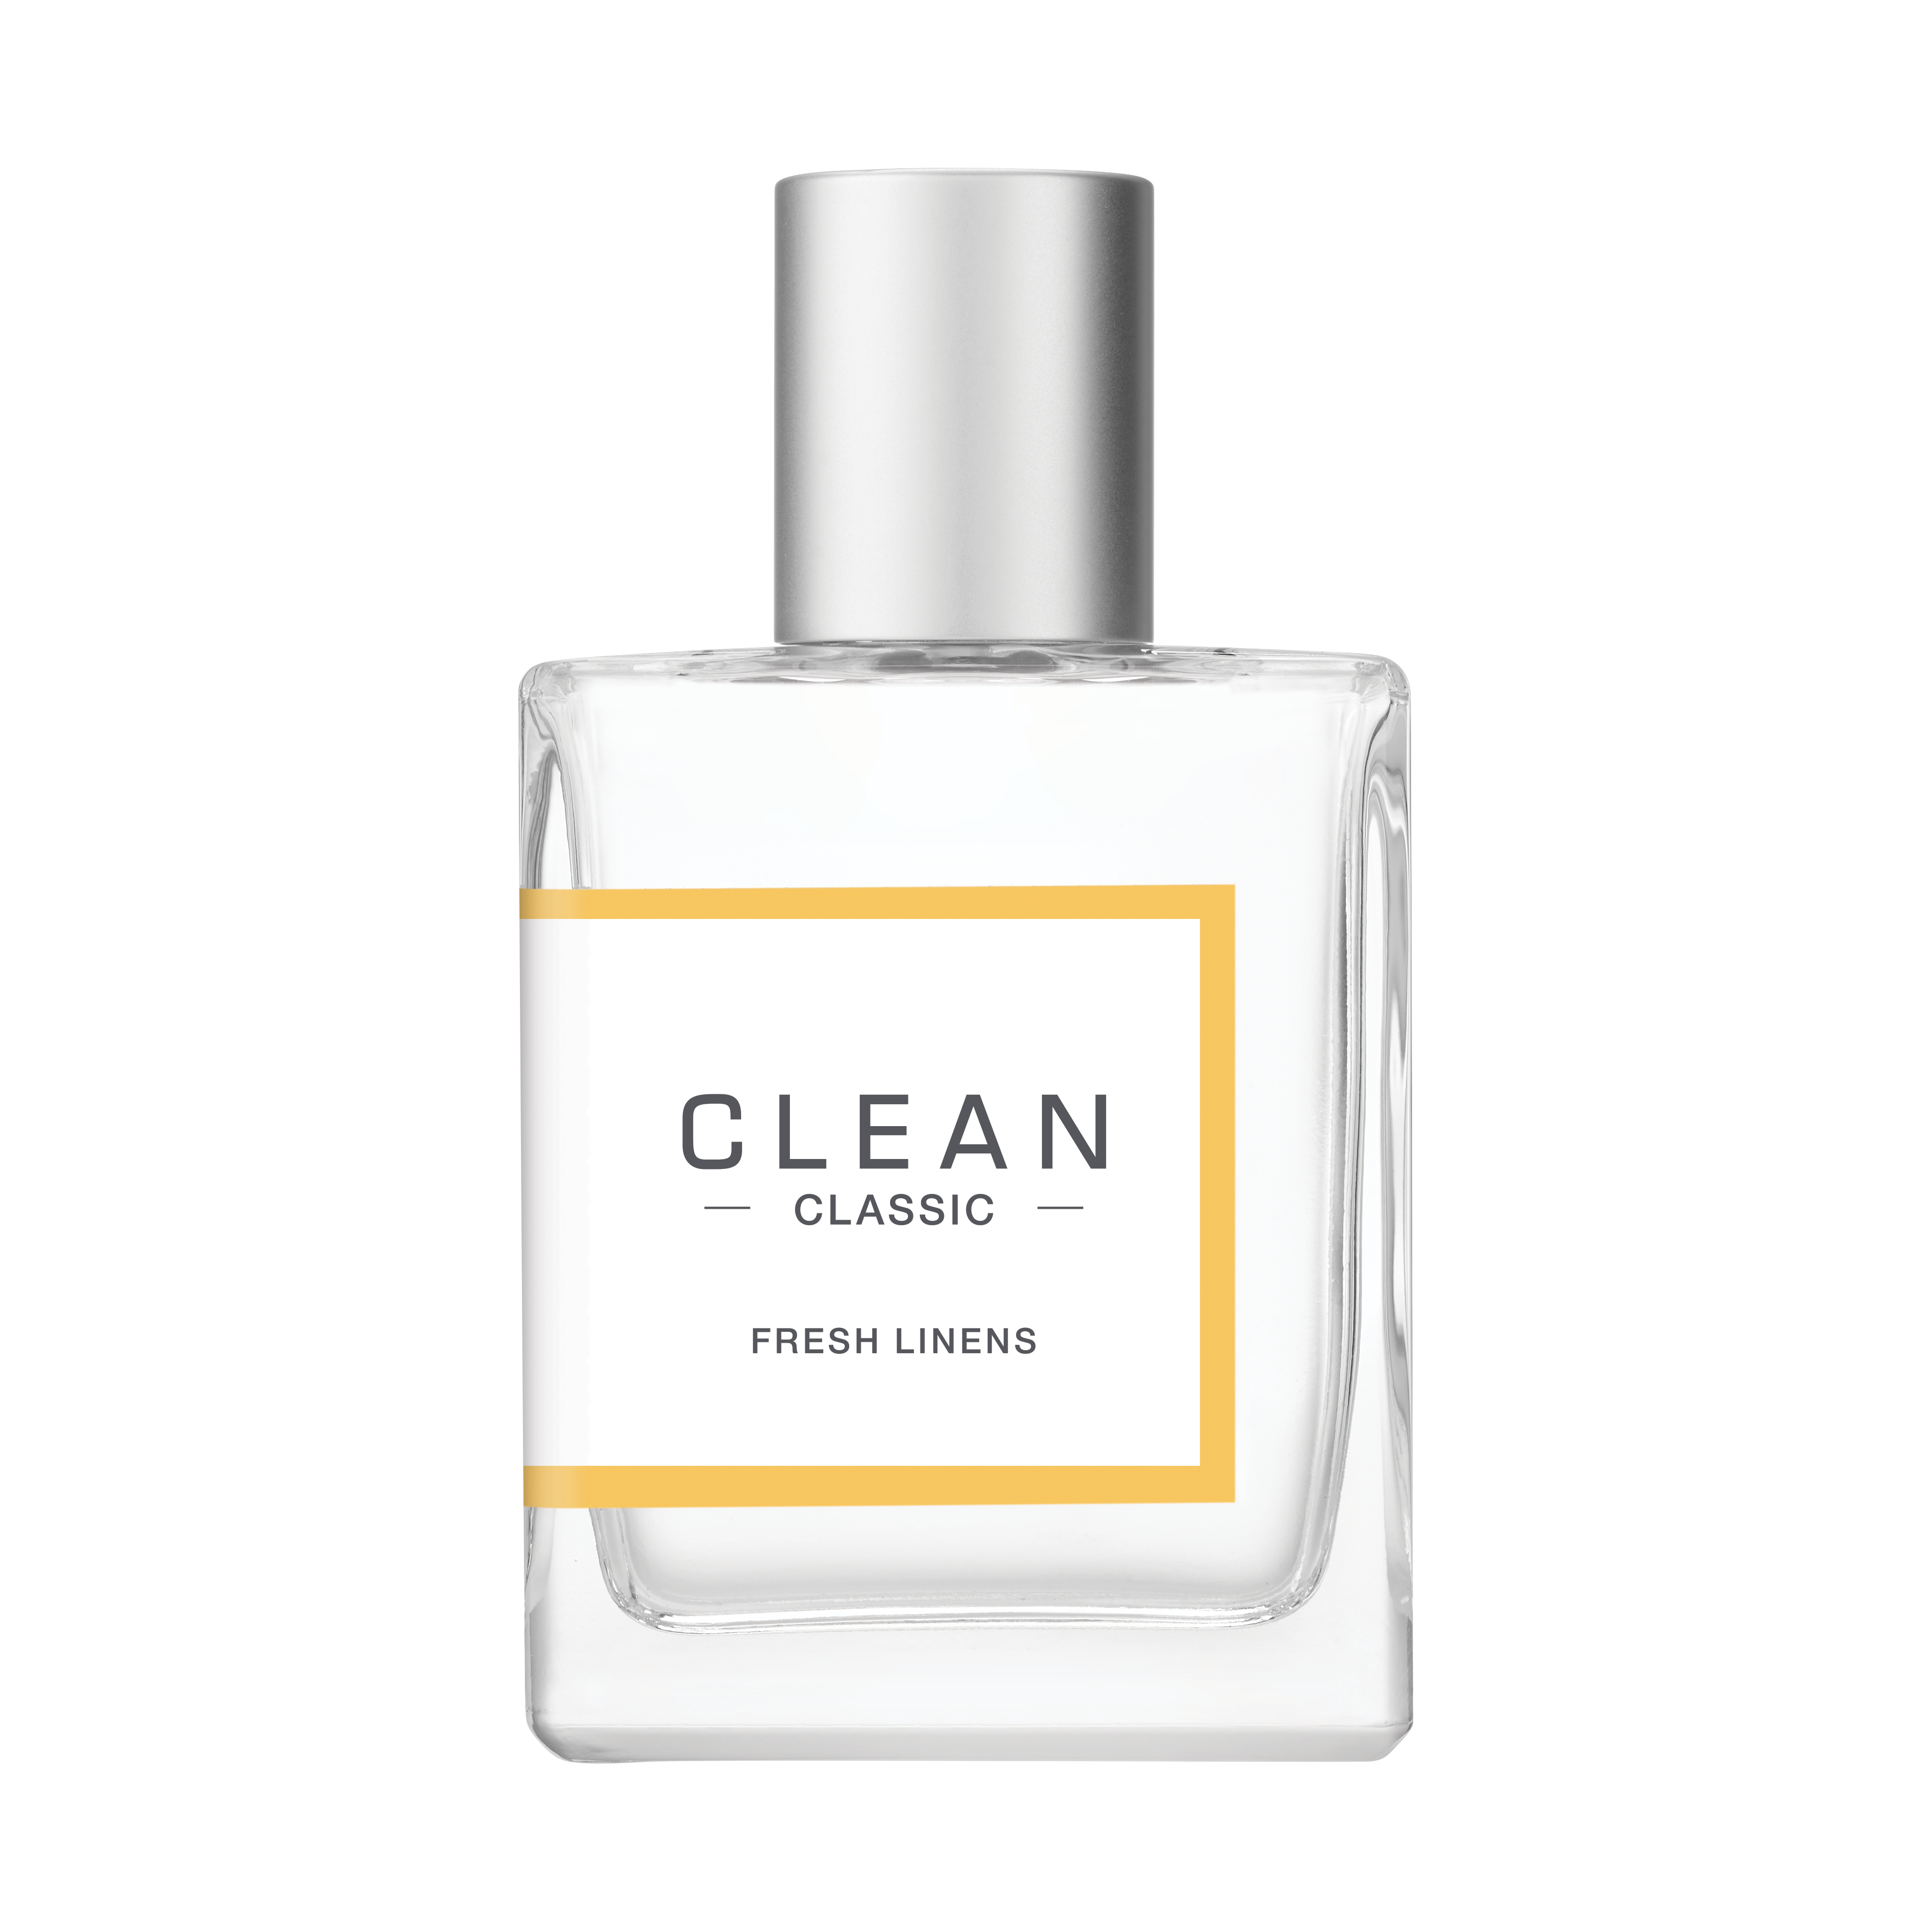 Clean - Fresh Linens EDP 60 ml